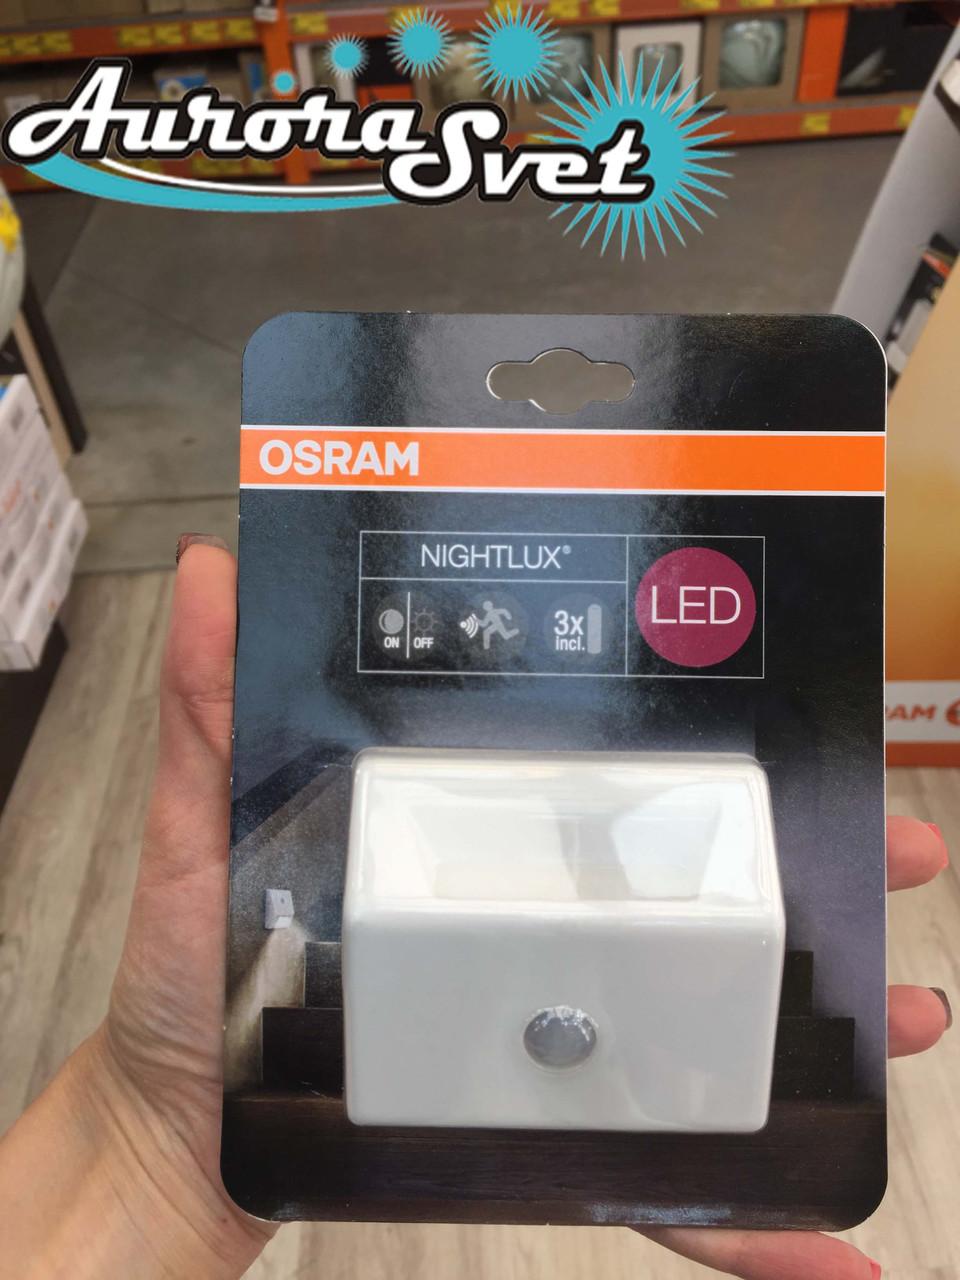 Cветодиодный ночник OSRAM. Ночник от сети. LED ночник с датчиком.